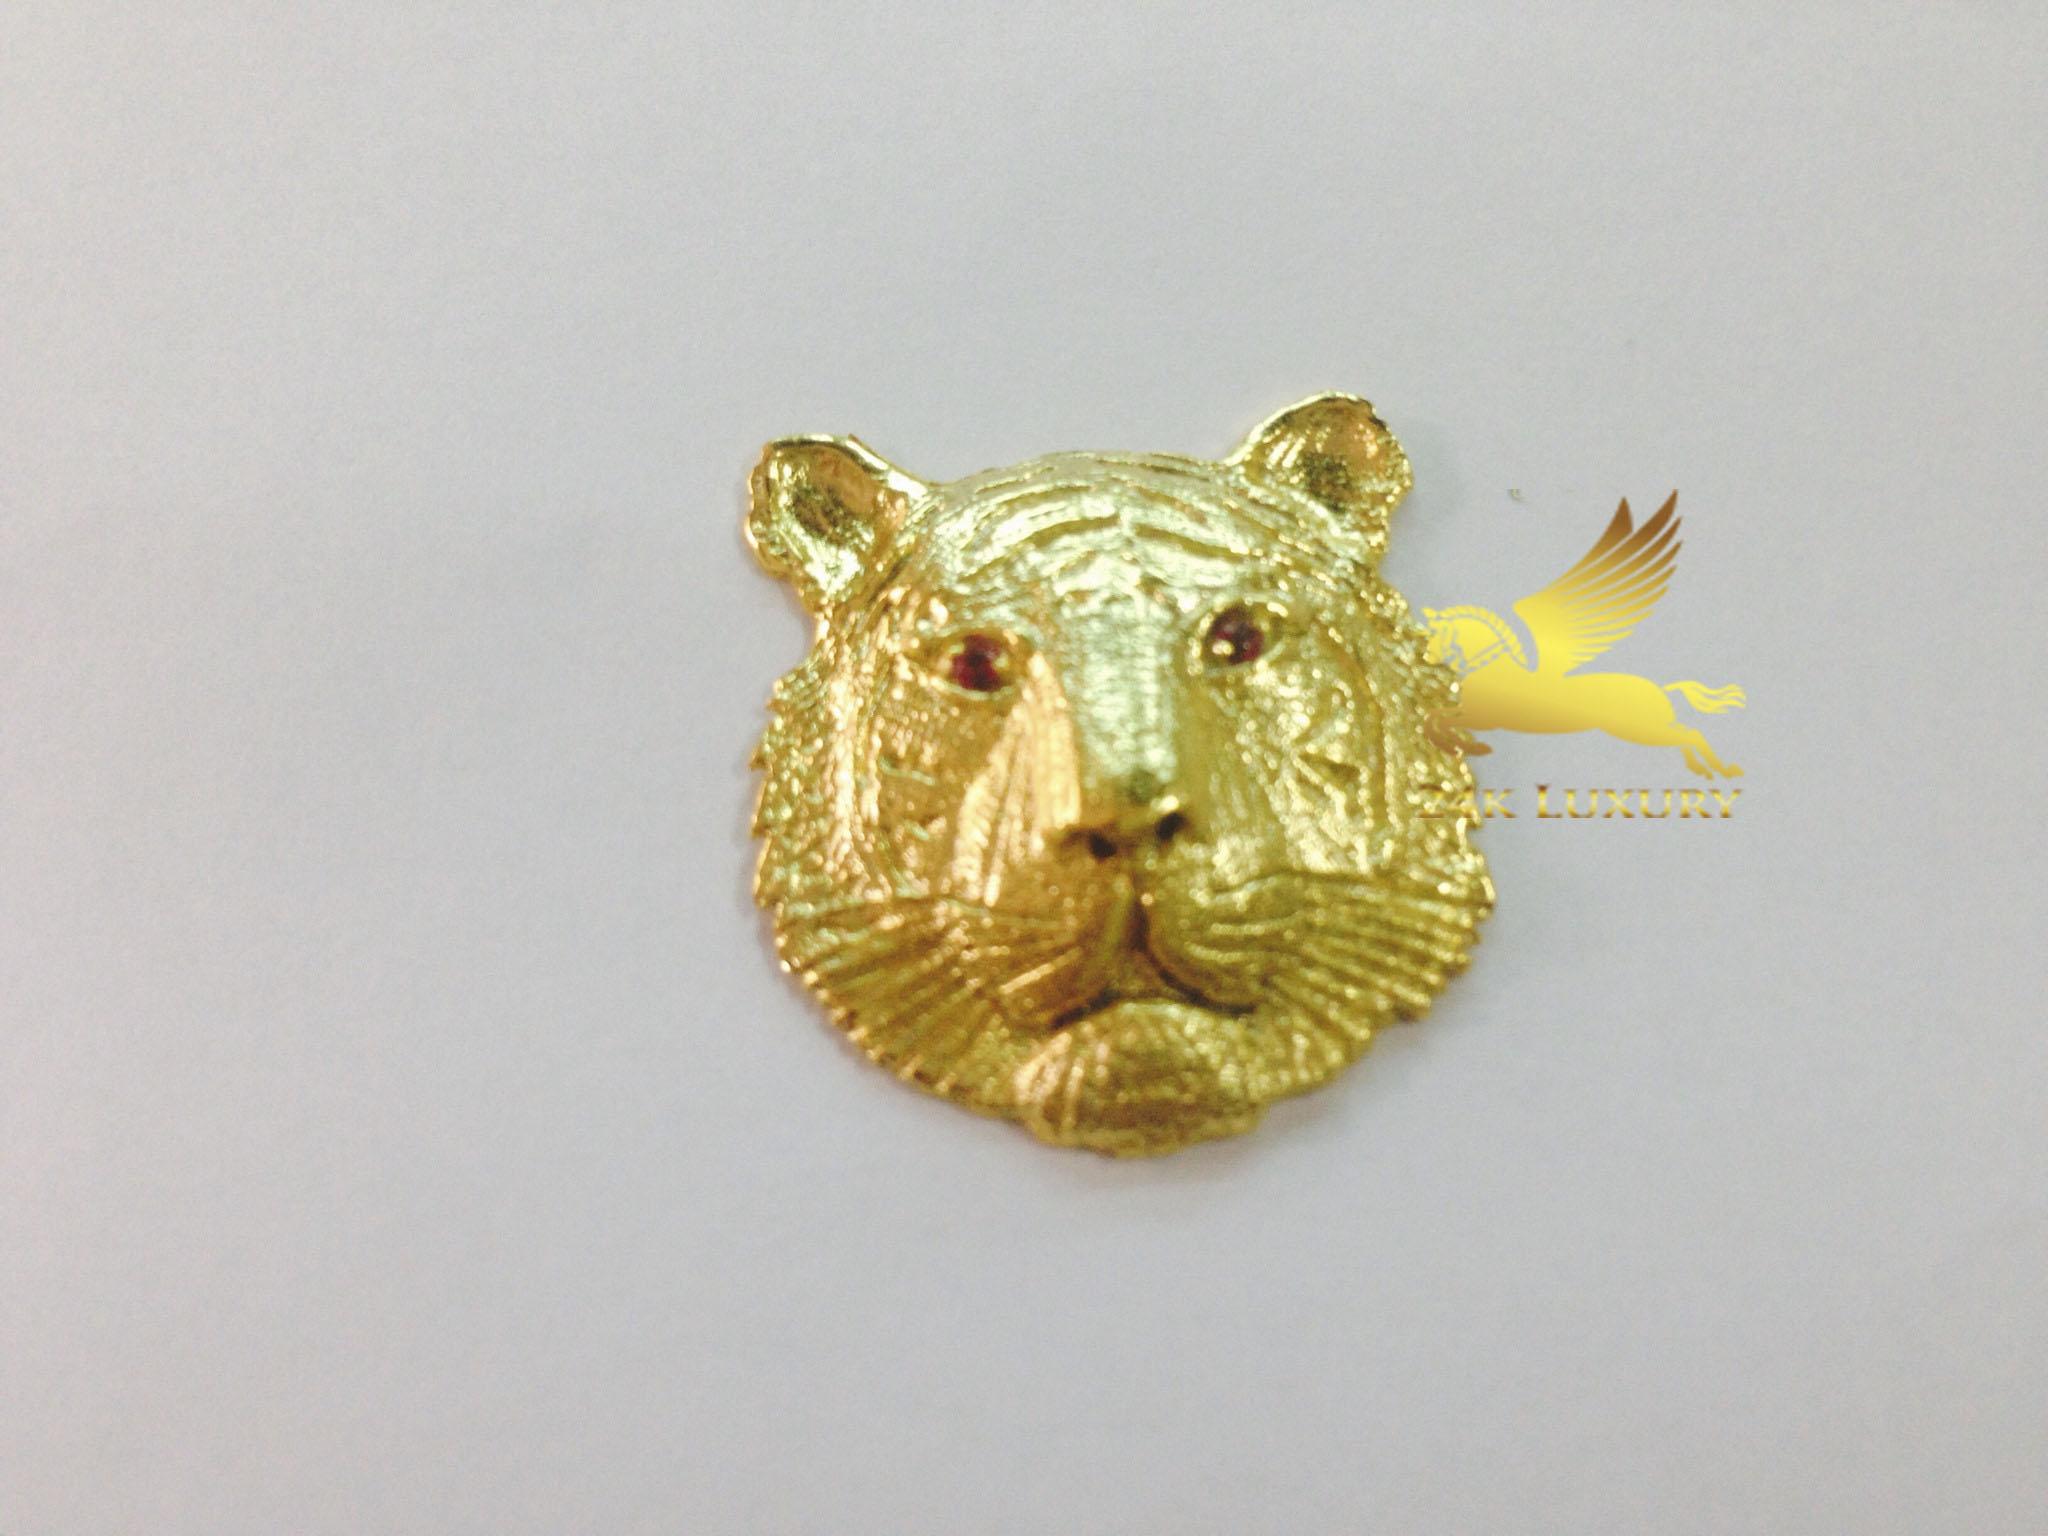 Hổ mạ vàng là biểu tượng của vẻ đẹp và sức mạnh